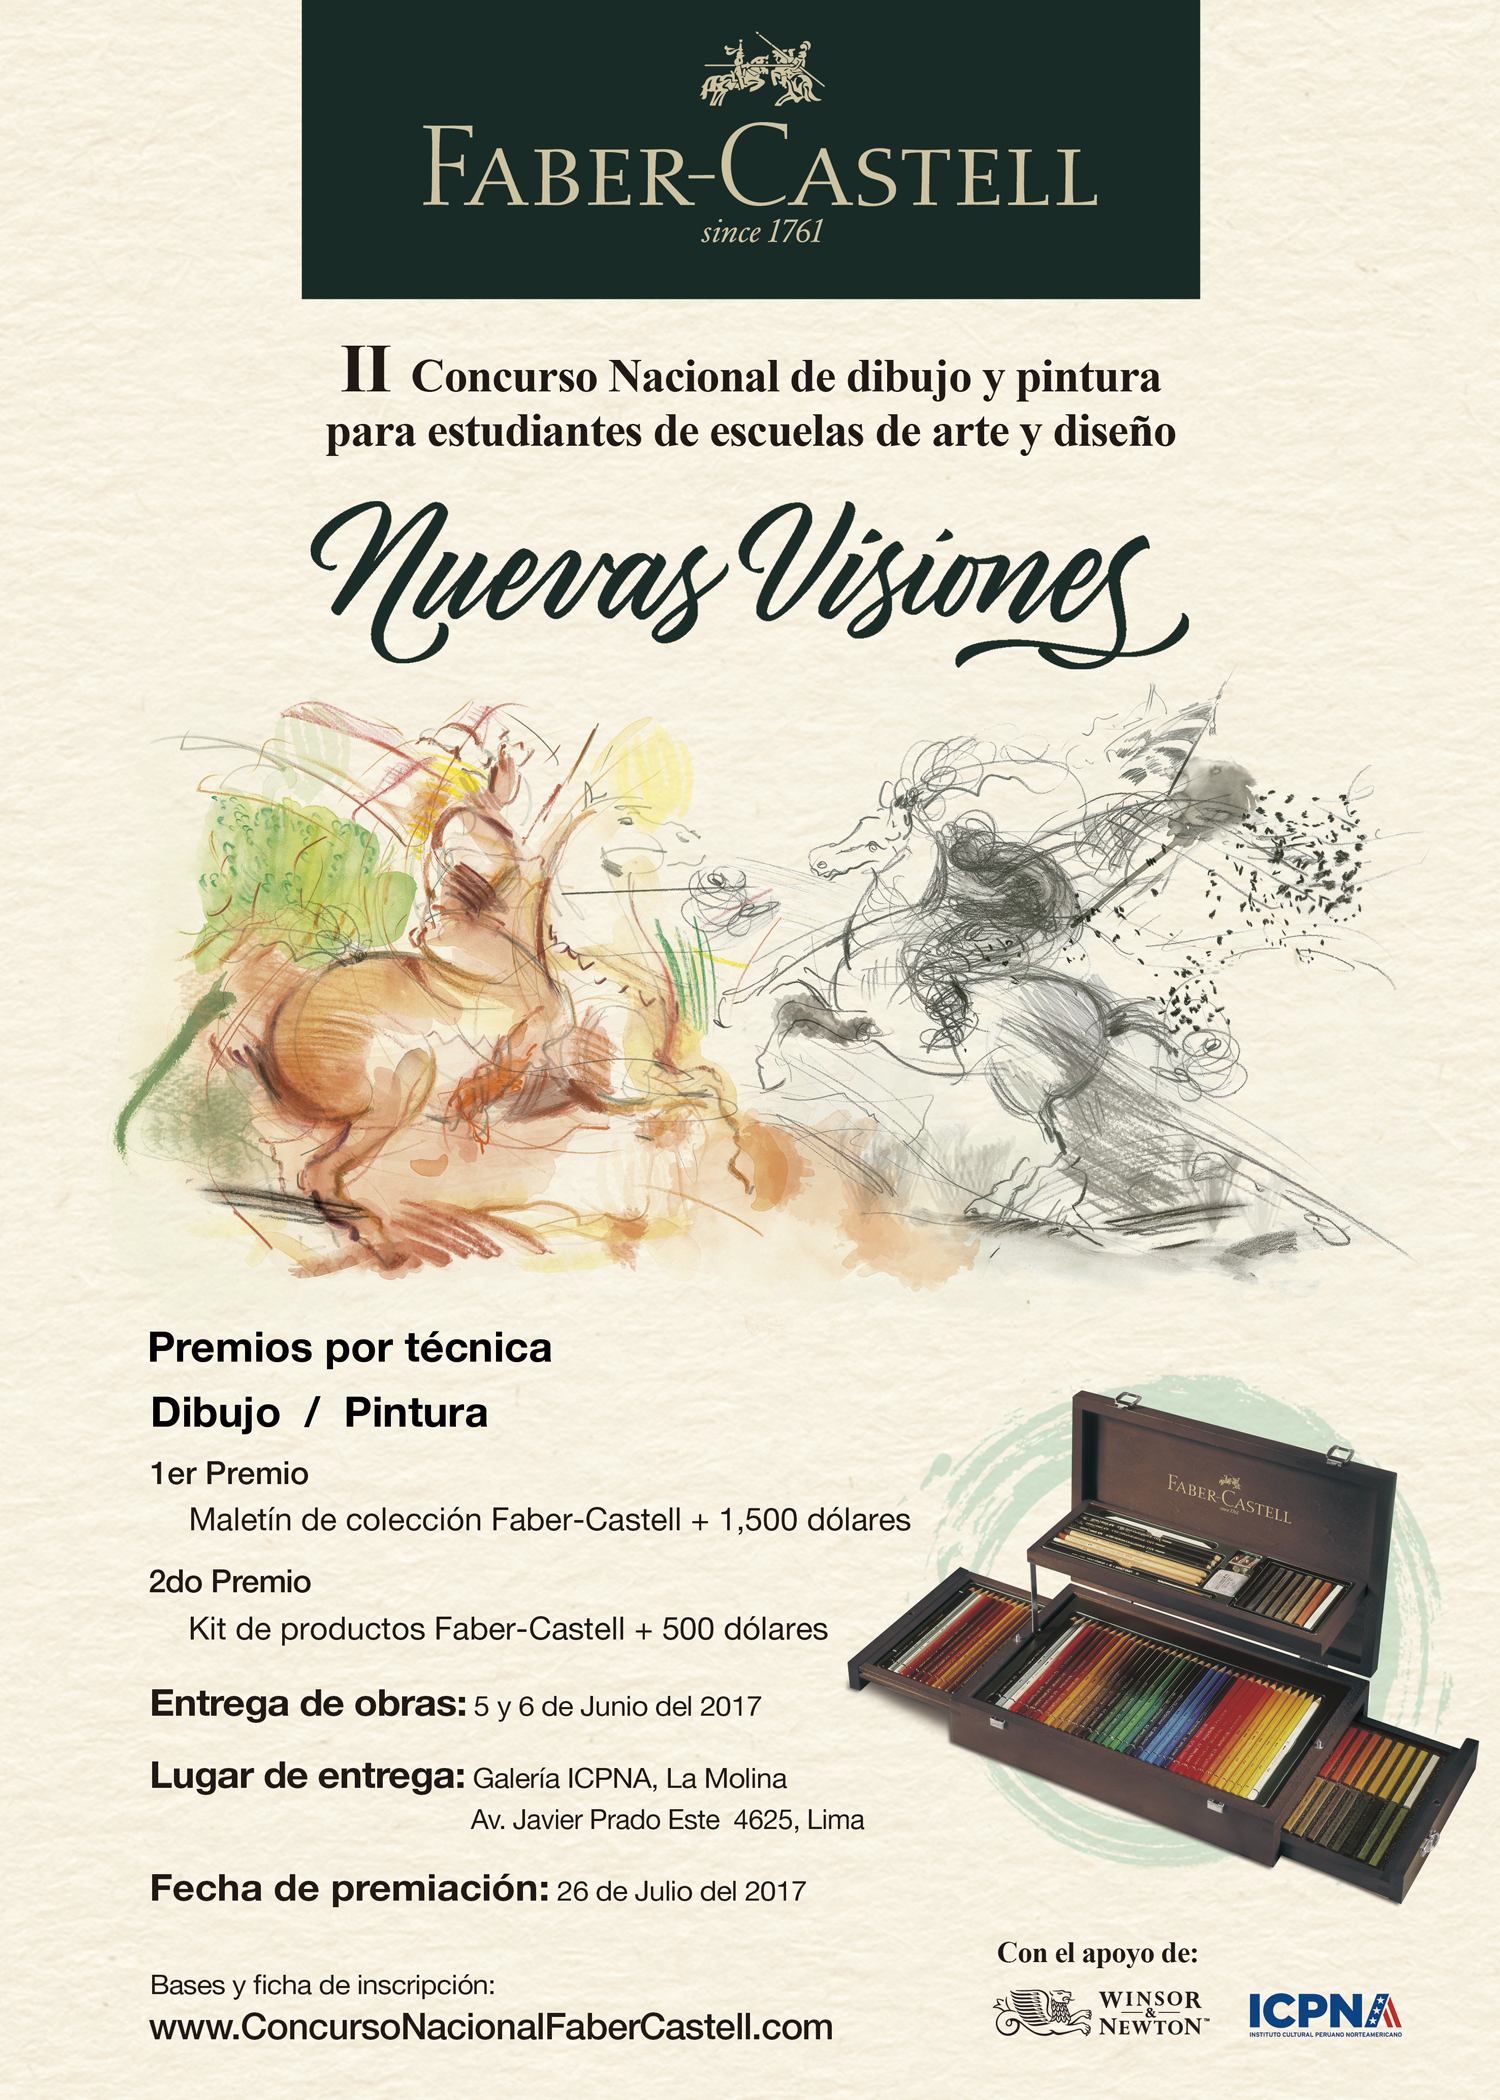 II Concurso Nacional de dibujo y pintura para estudiantes de